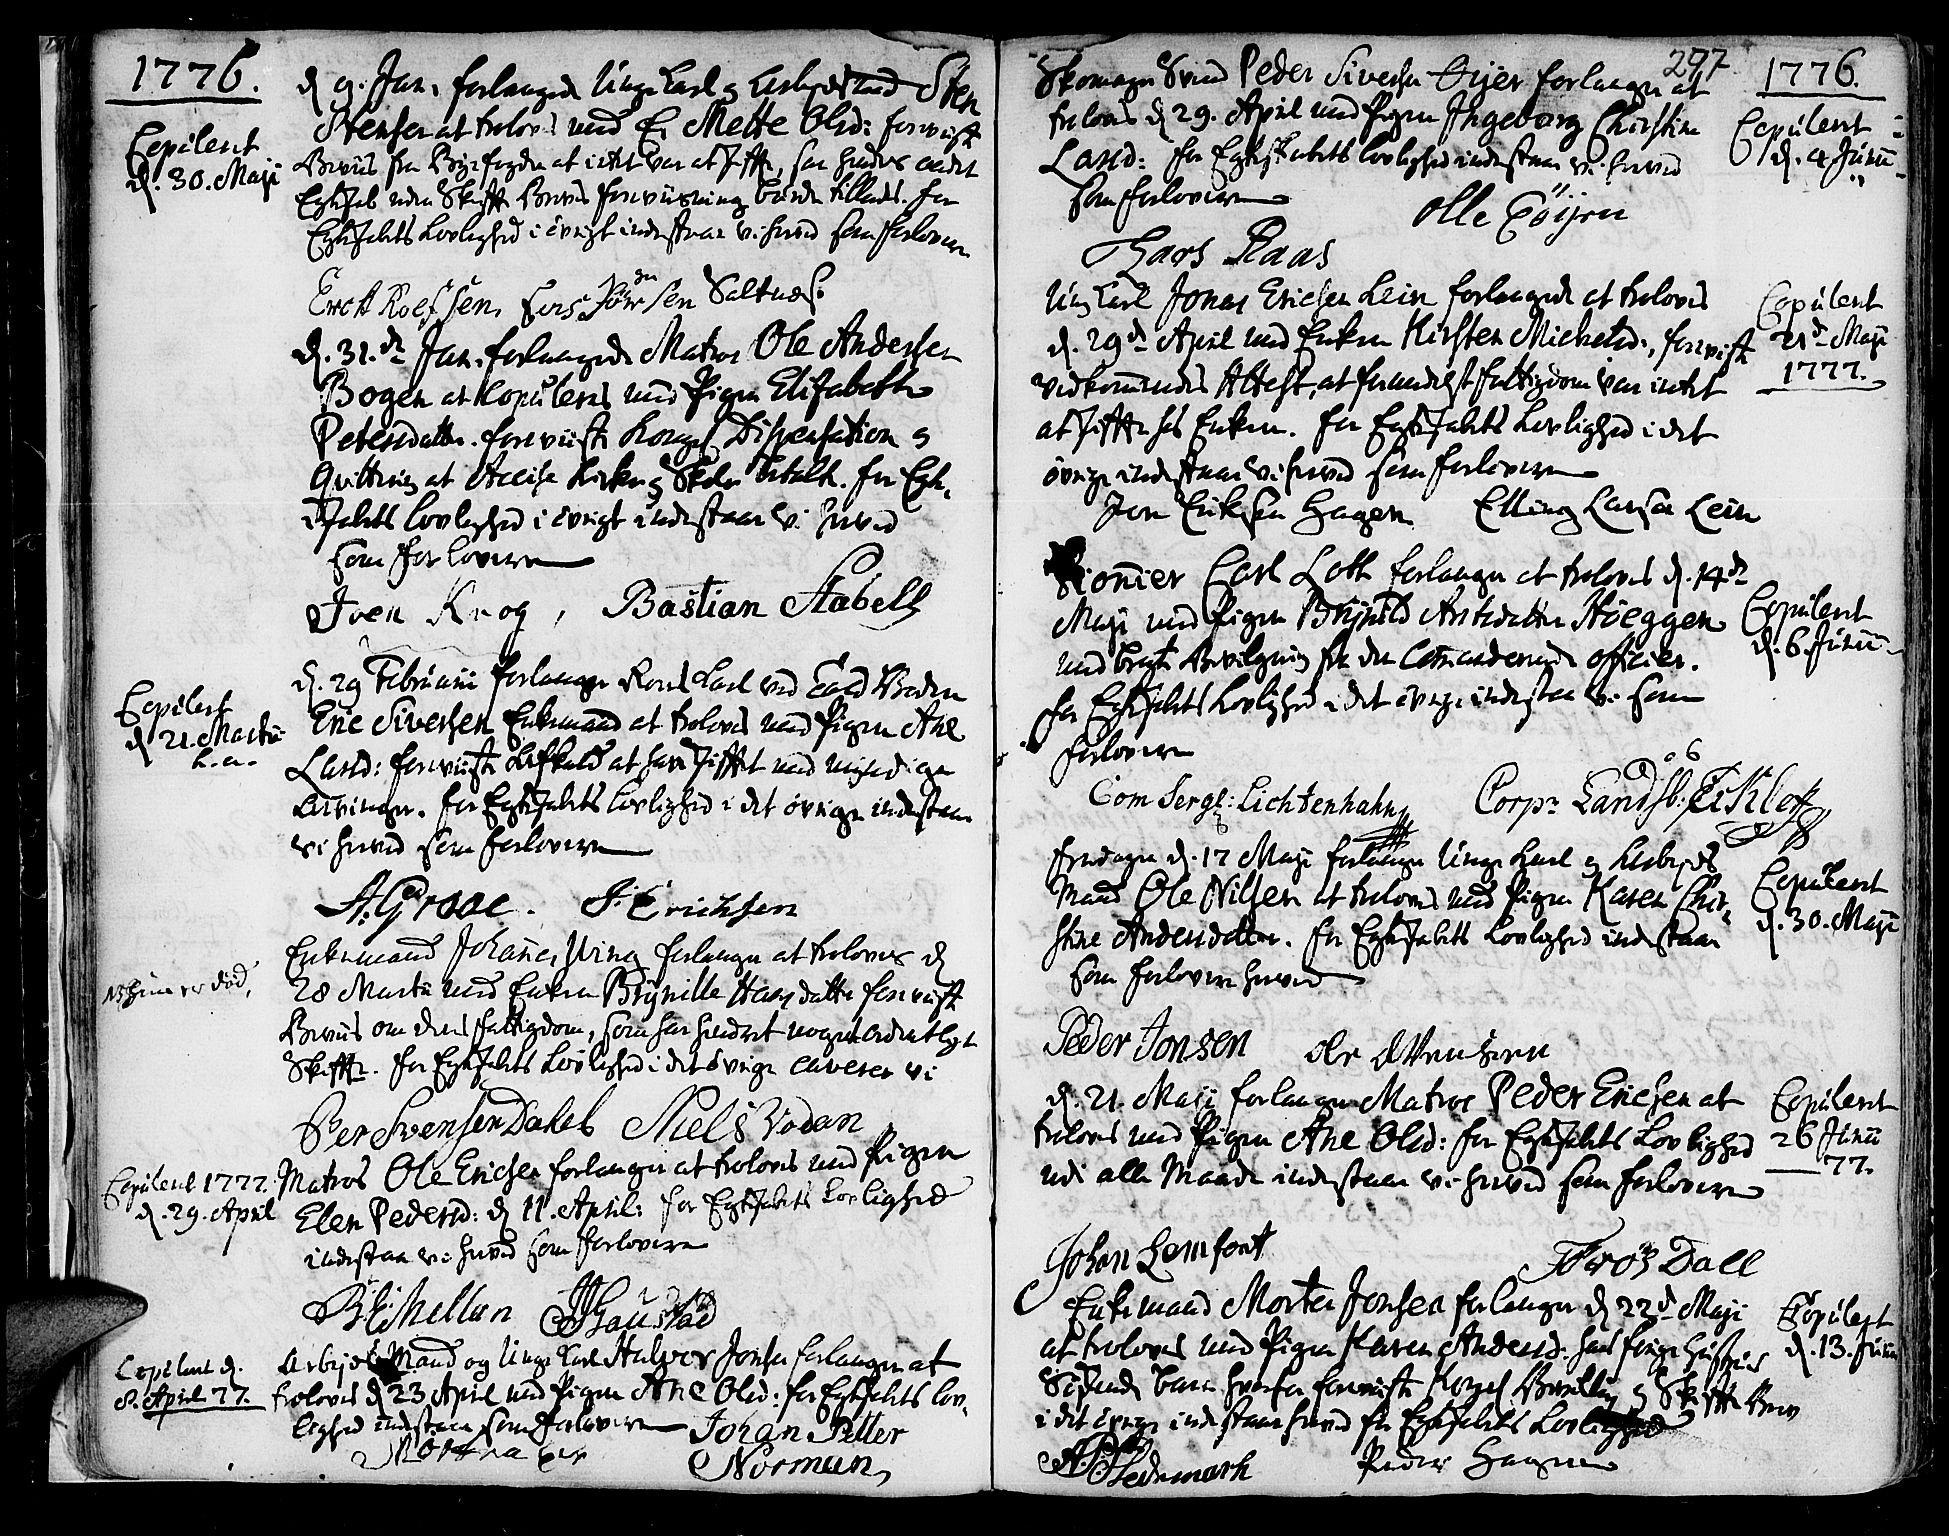 SAT, Ministerialprotokoller, klokkerbøker og fødselsregistre - Sør-Trøndelag, 601/L0038: Ministerialbok nr. 601A06, 1766-1877, s. 297